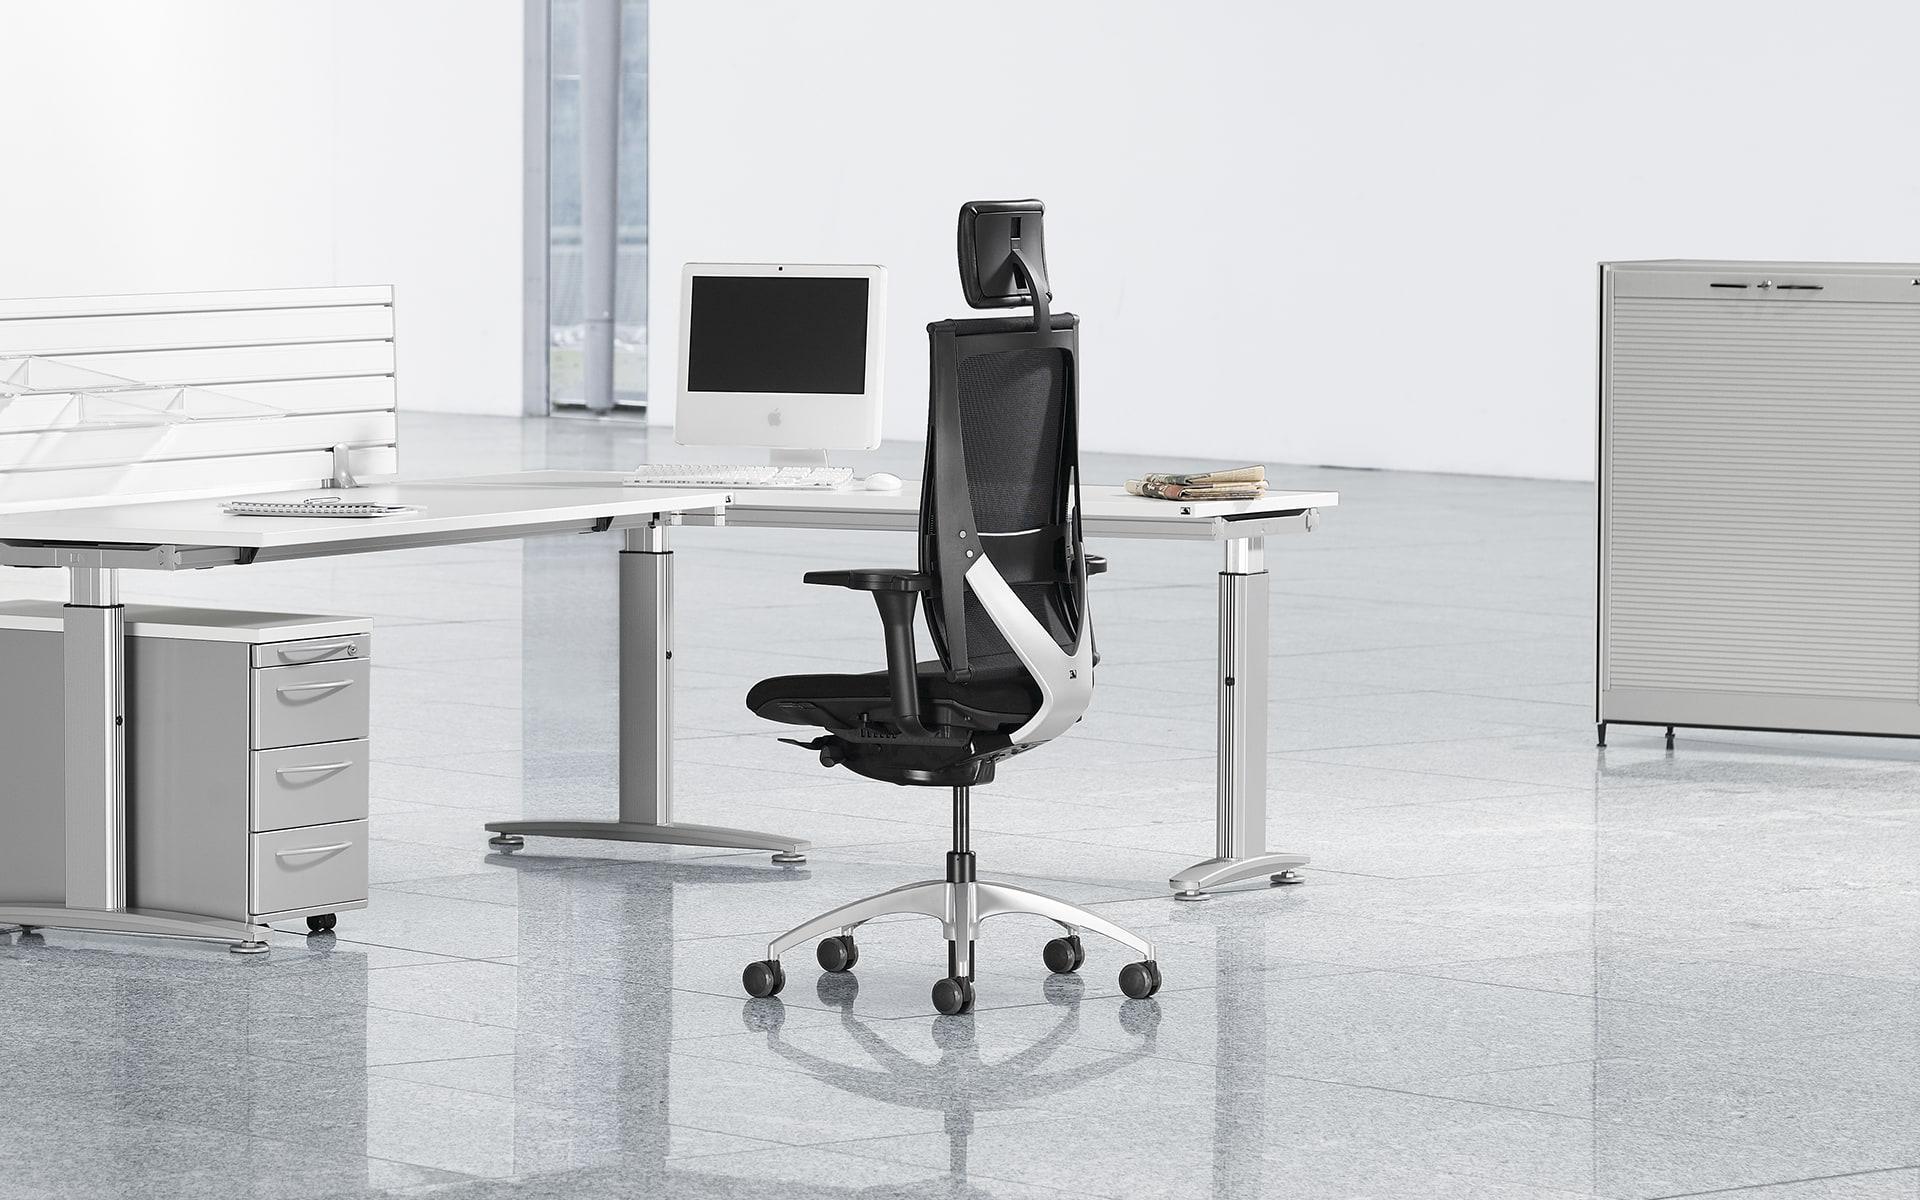 Schwarzer K+N Okay Bürostuhl von ITO Design in weißem, minimalistischen Büro